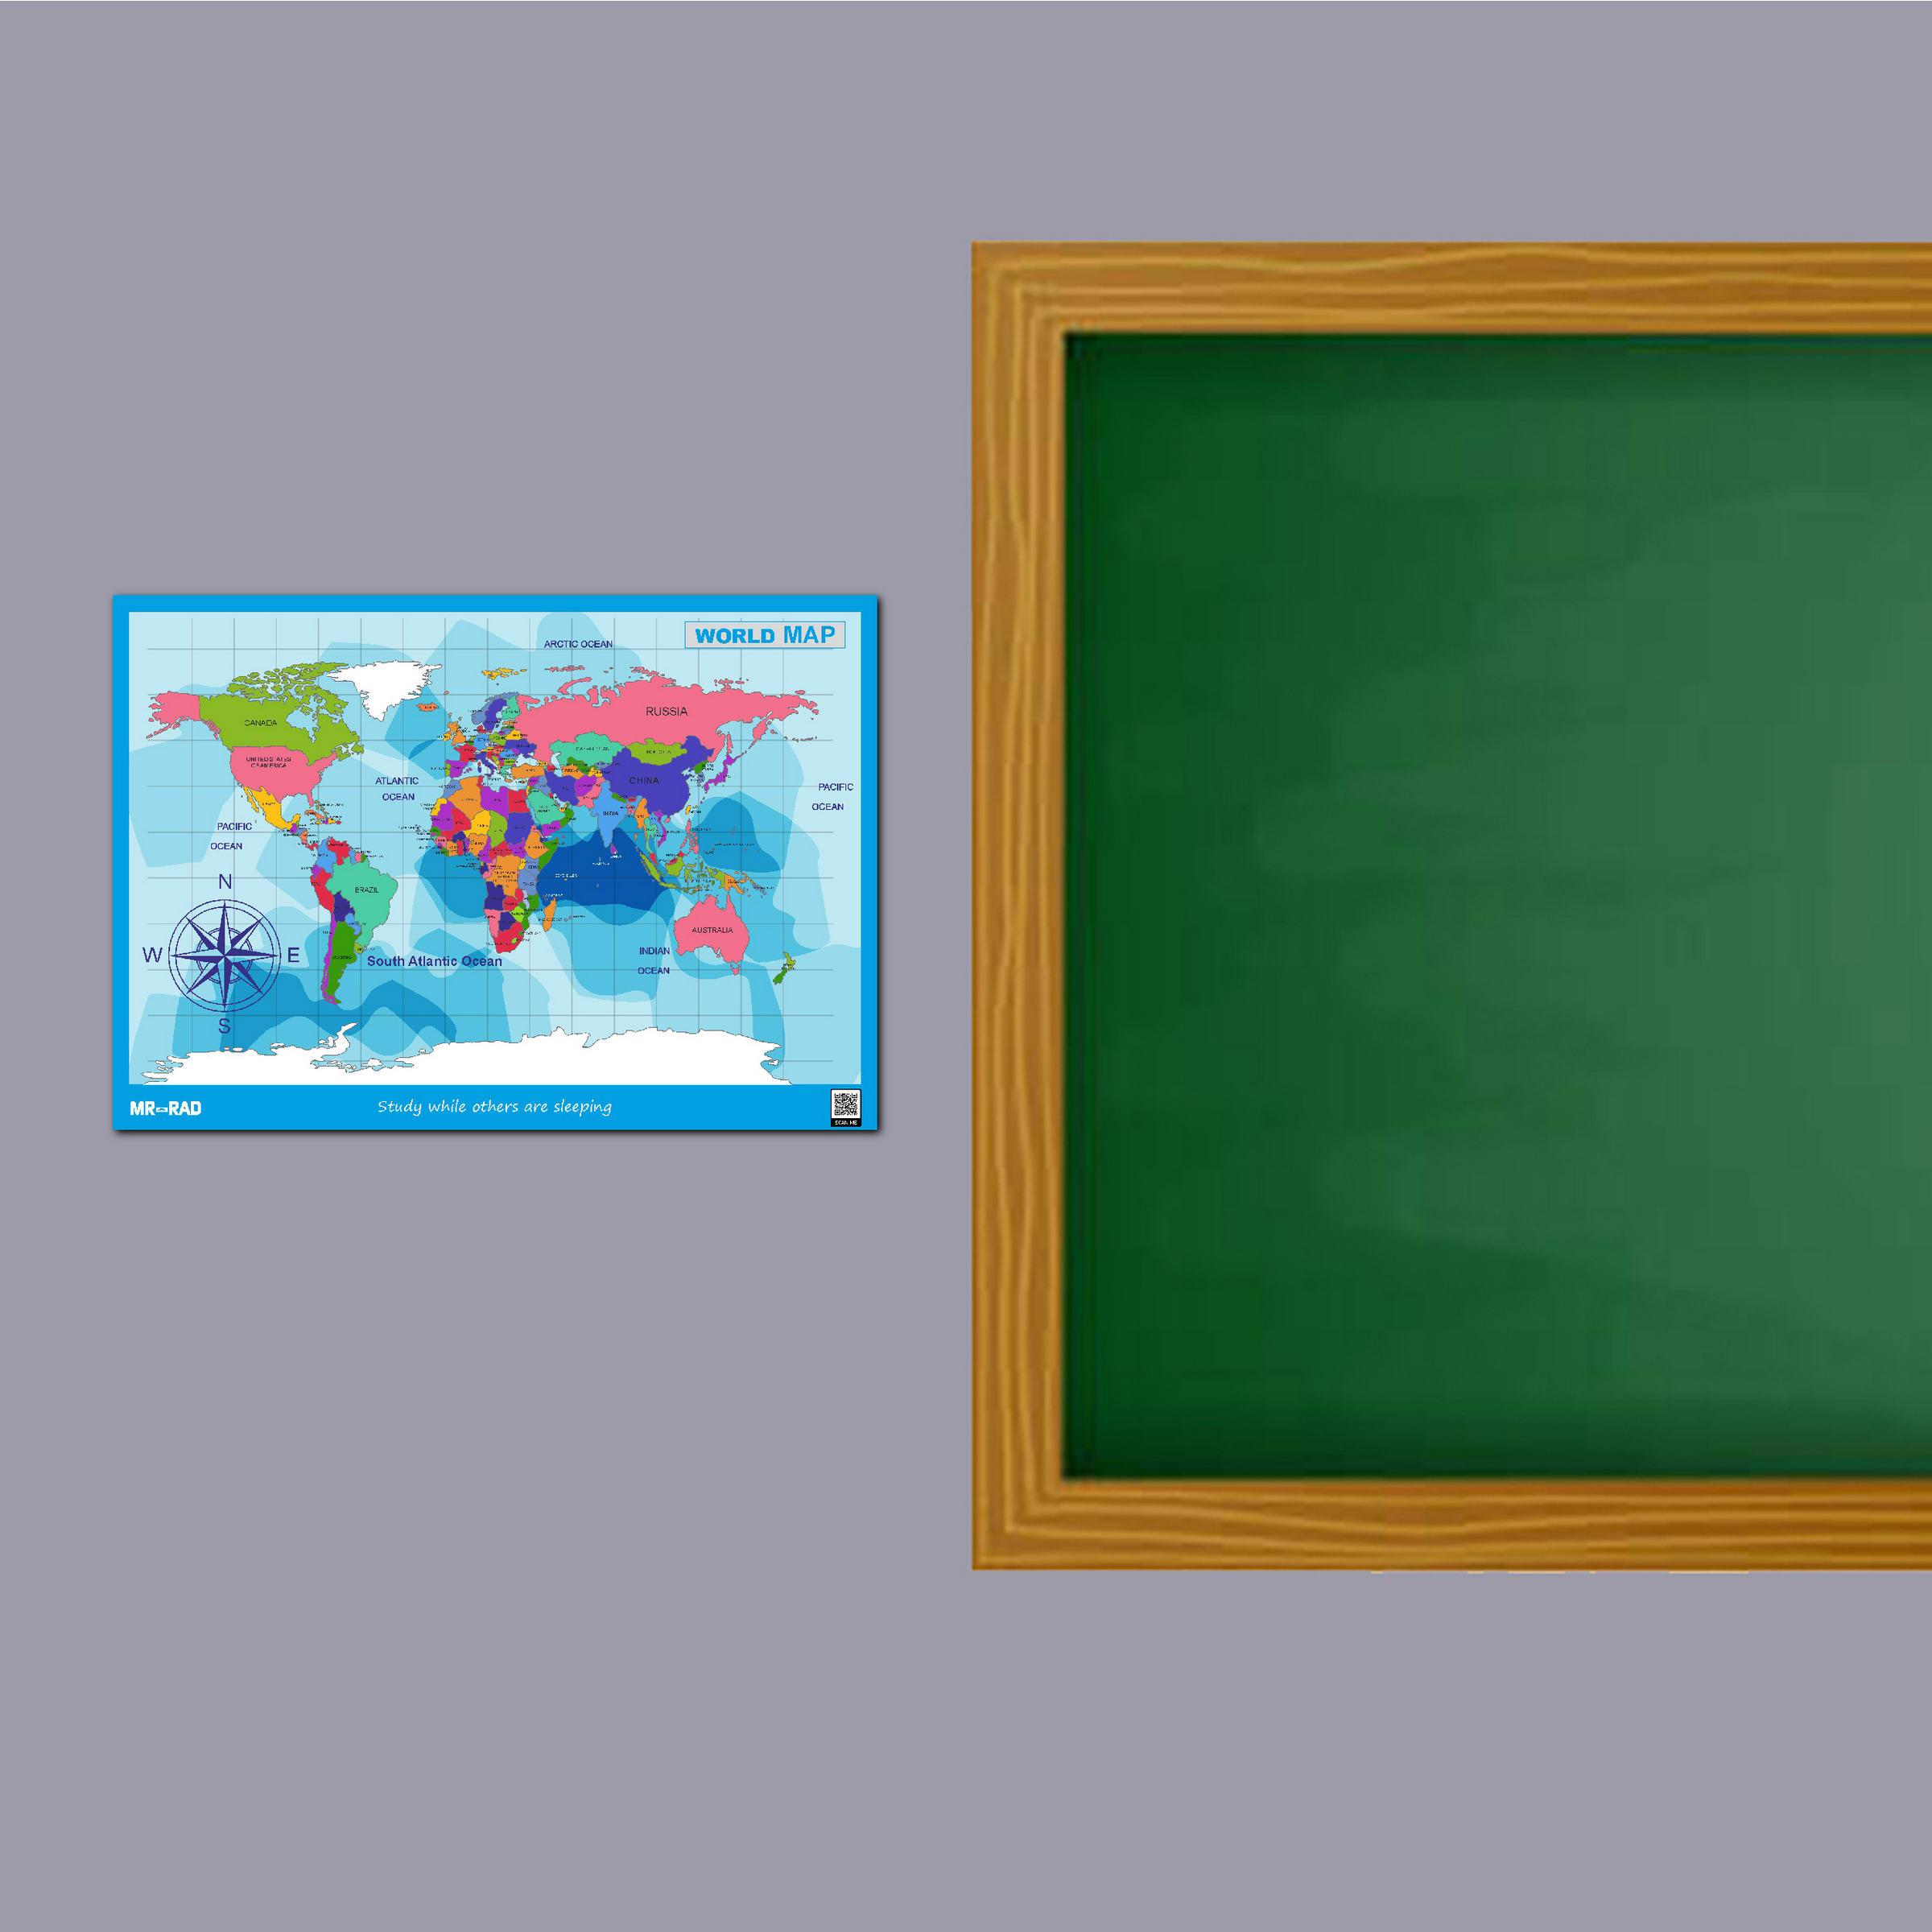 پوستر آموزشی FG طرح نقشه جهان مدل M7050